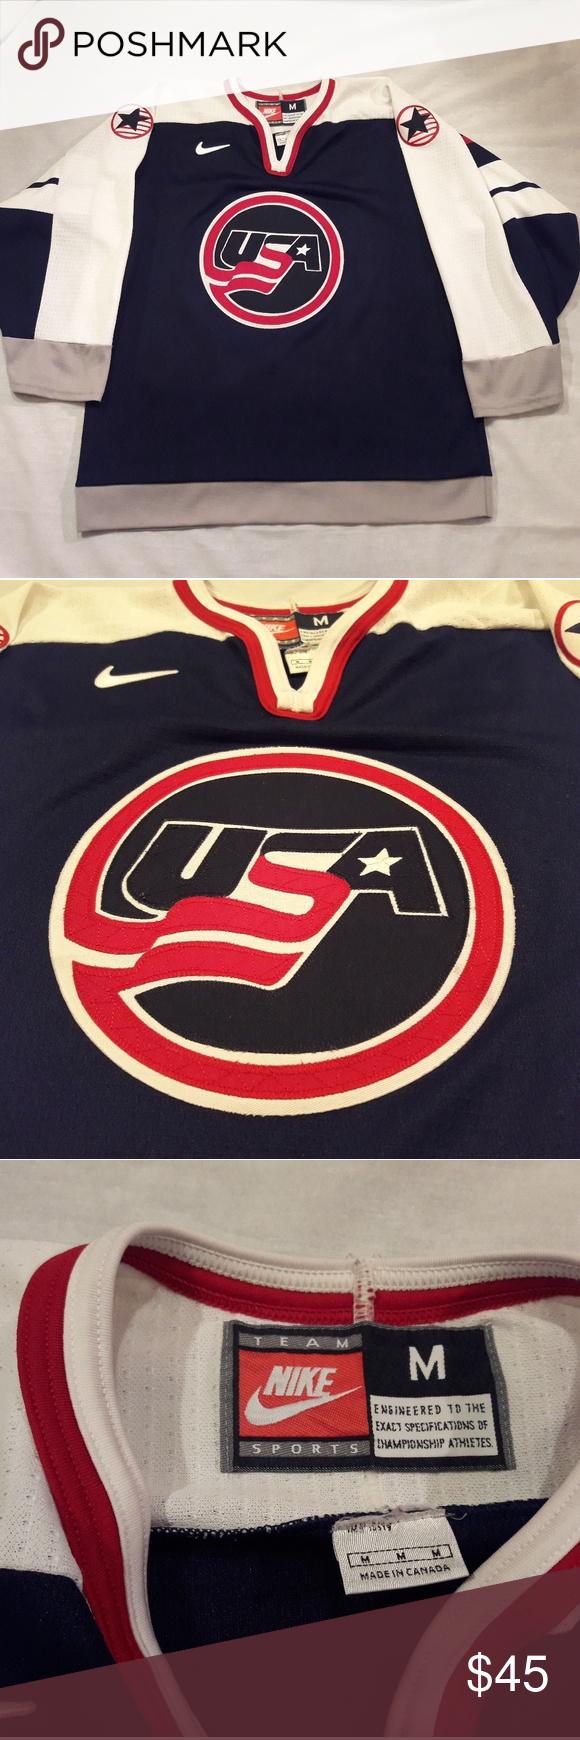 Nike Team Usa Hockey Jersey Stitched Size M Nike Team Usa Hockey Jersey Size Adult Medium Condition Pre Own Team Usa Hockey Usa Hockey Jersey Team Usa